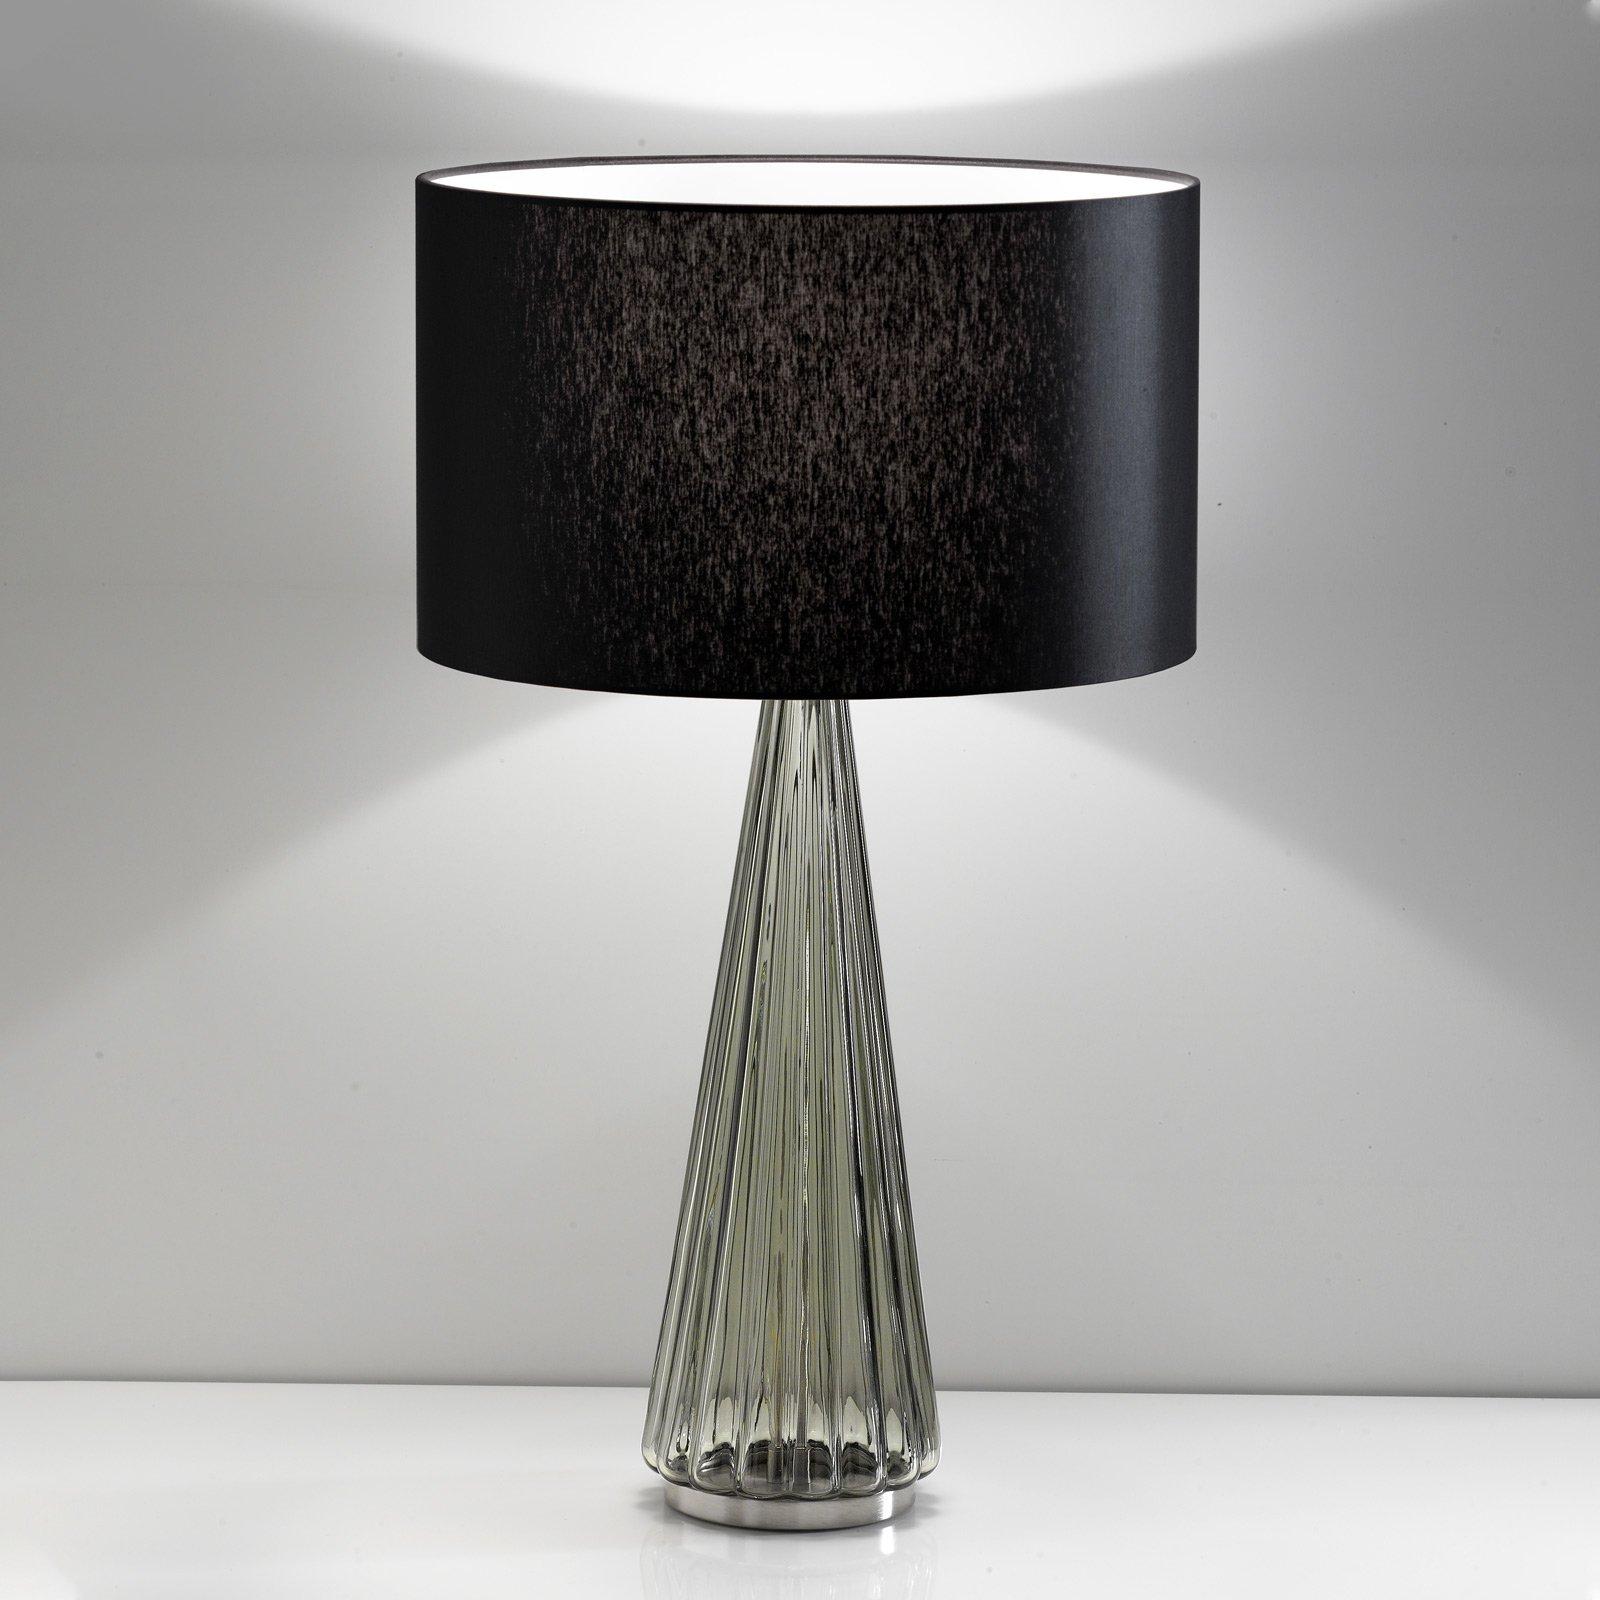 Bordlampe Costa Rica, skjerm svart, fot grå